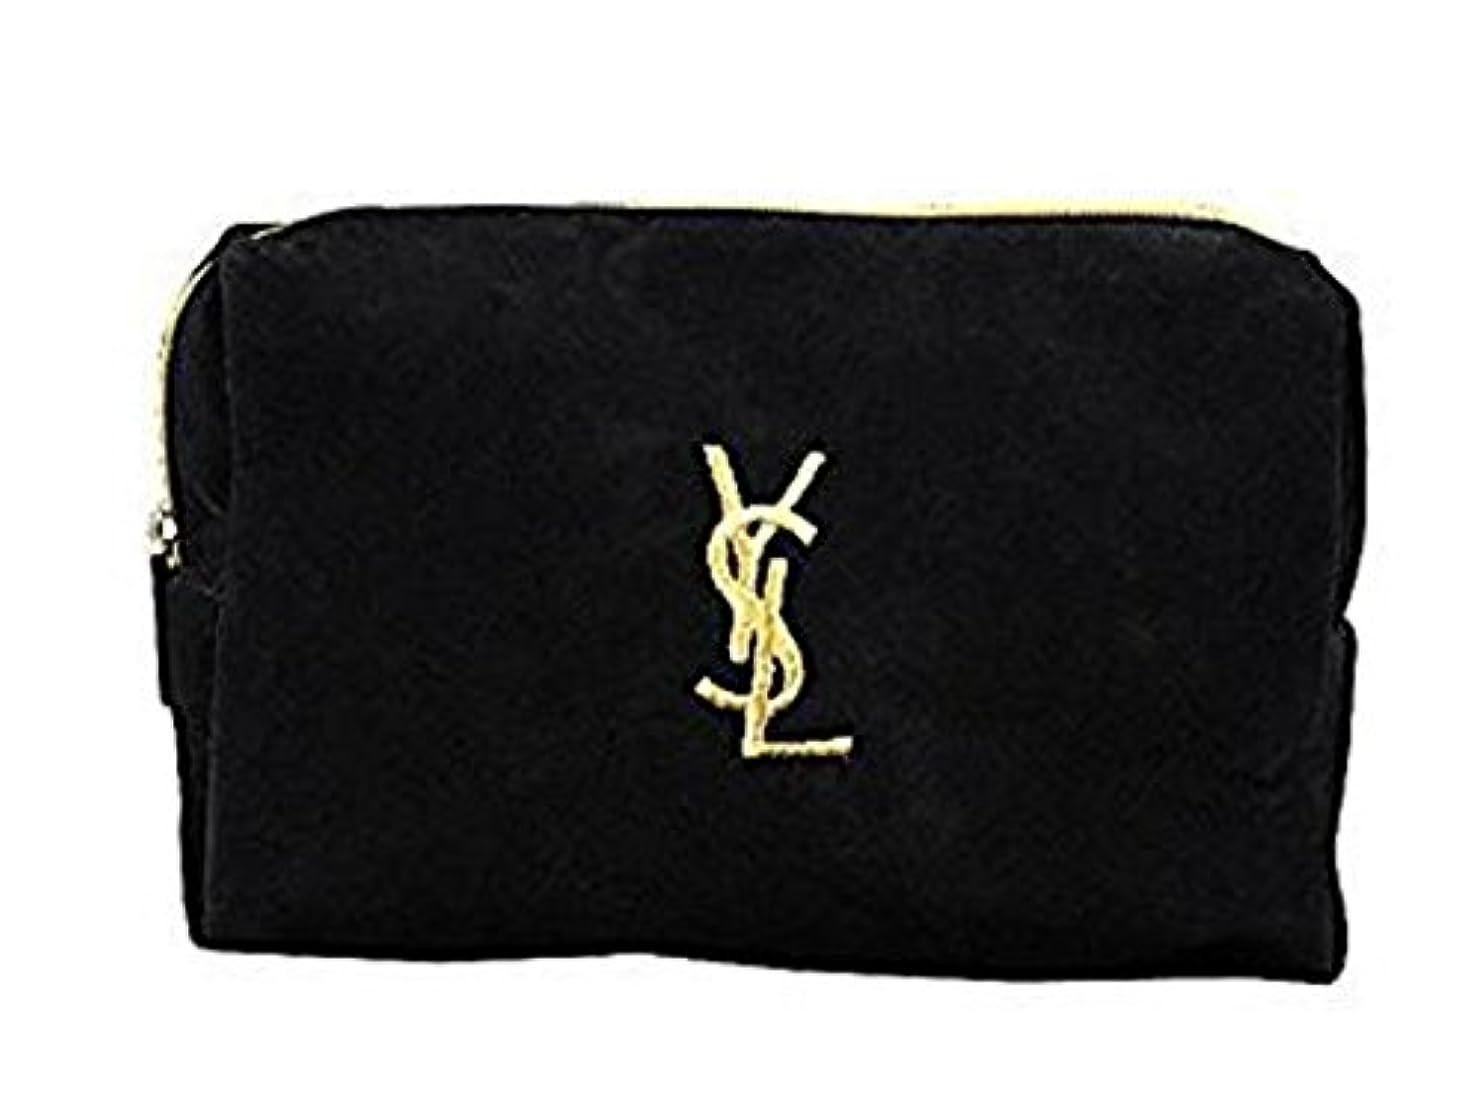 バット仮装飼いならすイヴ サンローラン Yves saint Laurent ポーチ 小物入れ ロゴ イエロ ブラック 化粧ポーチ 化粧 メイク コスメ アイシャドー ブラシ1本 付き